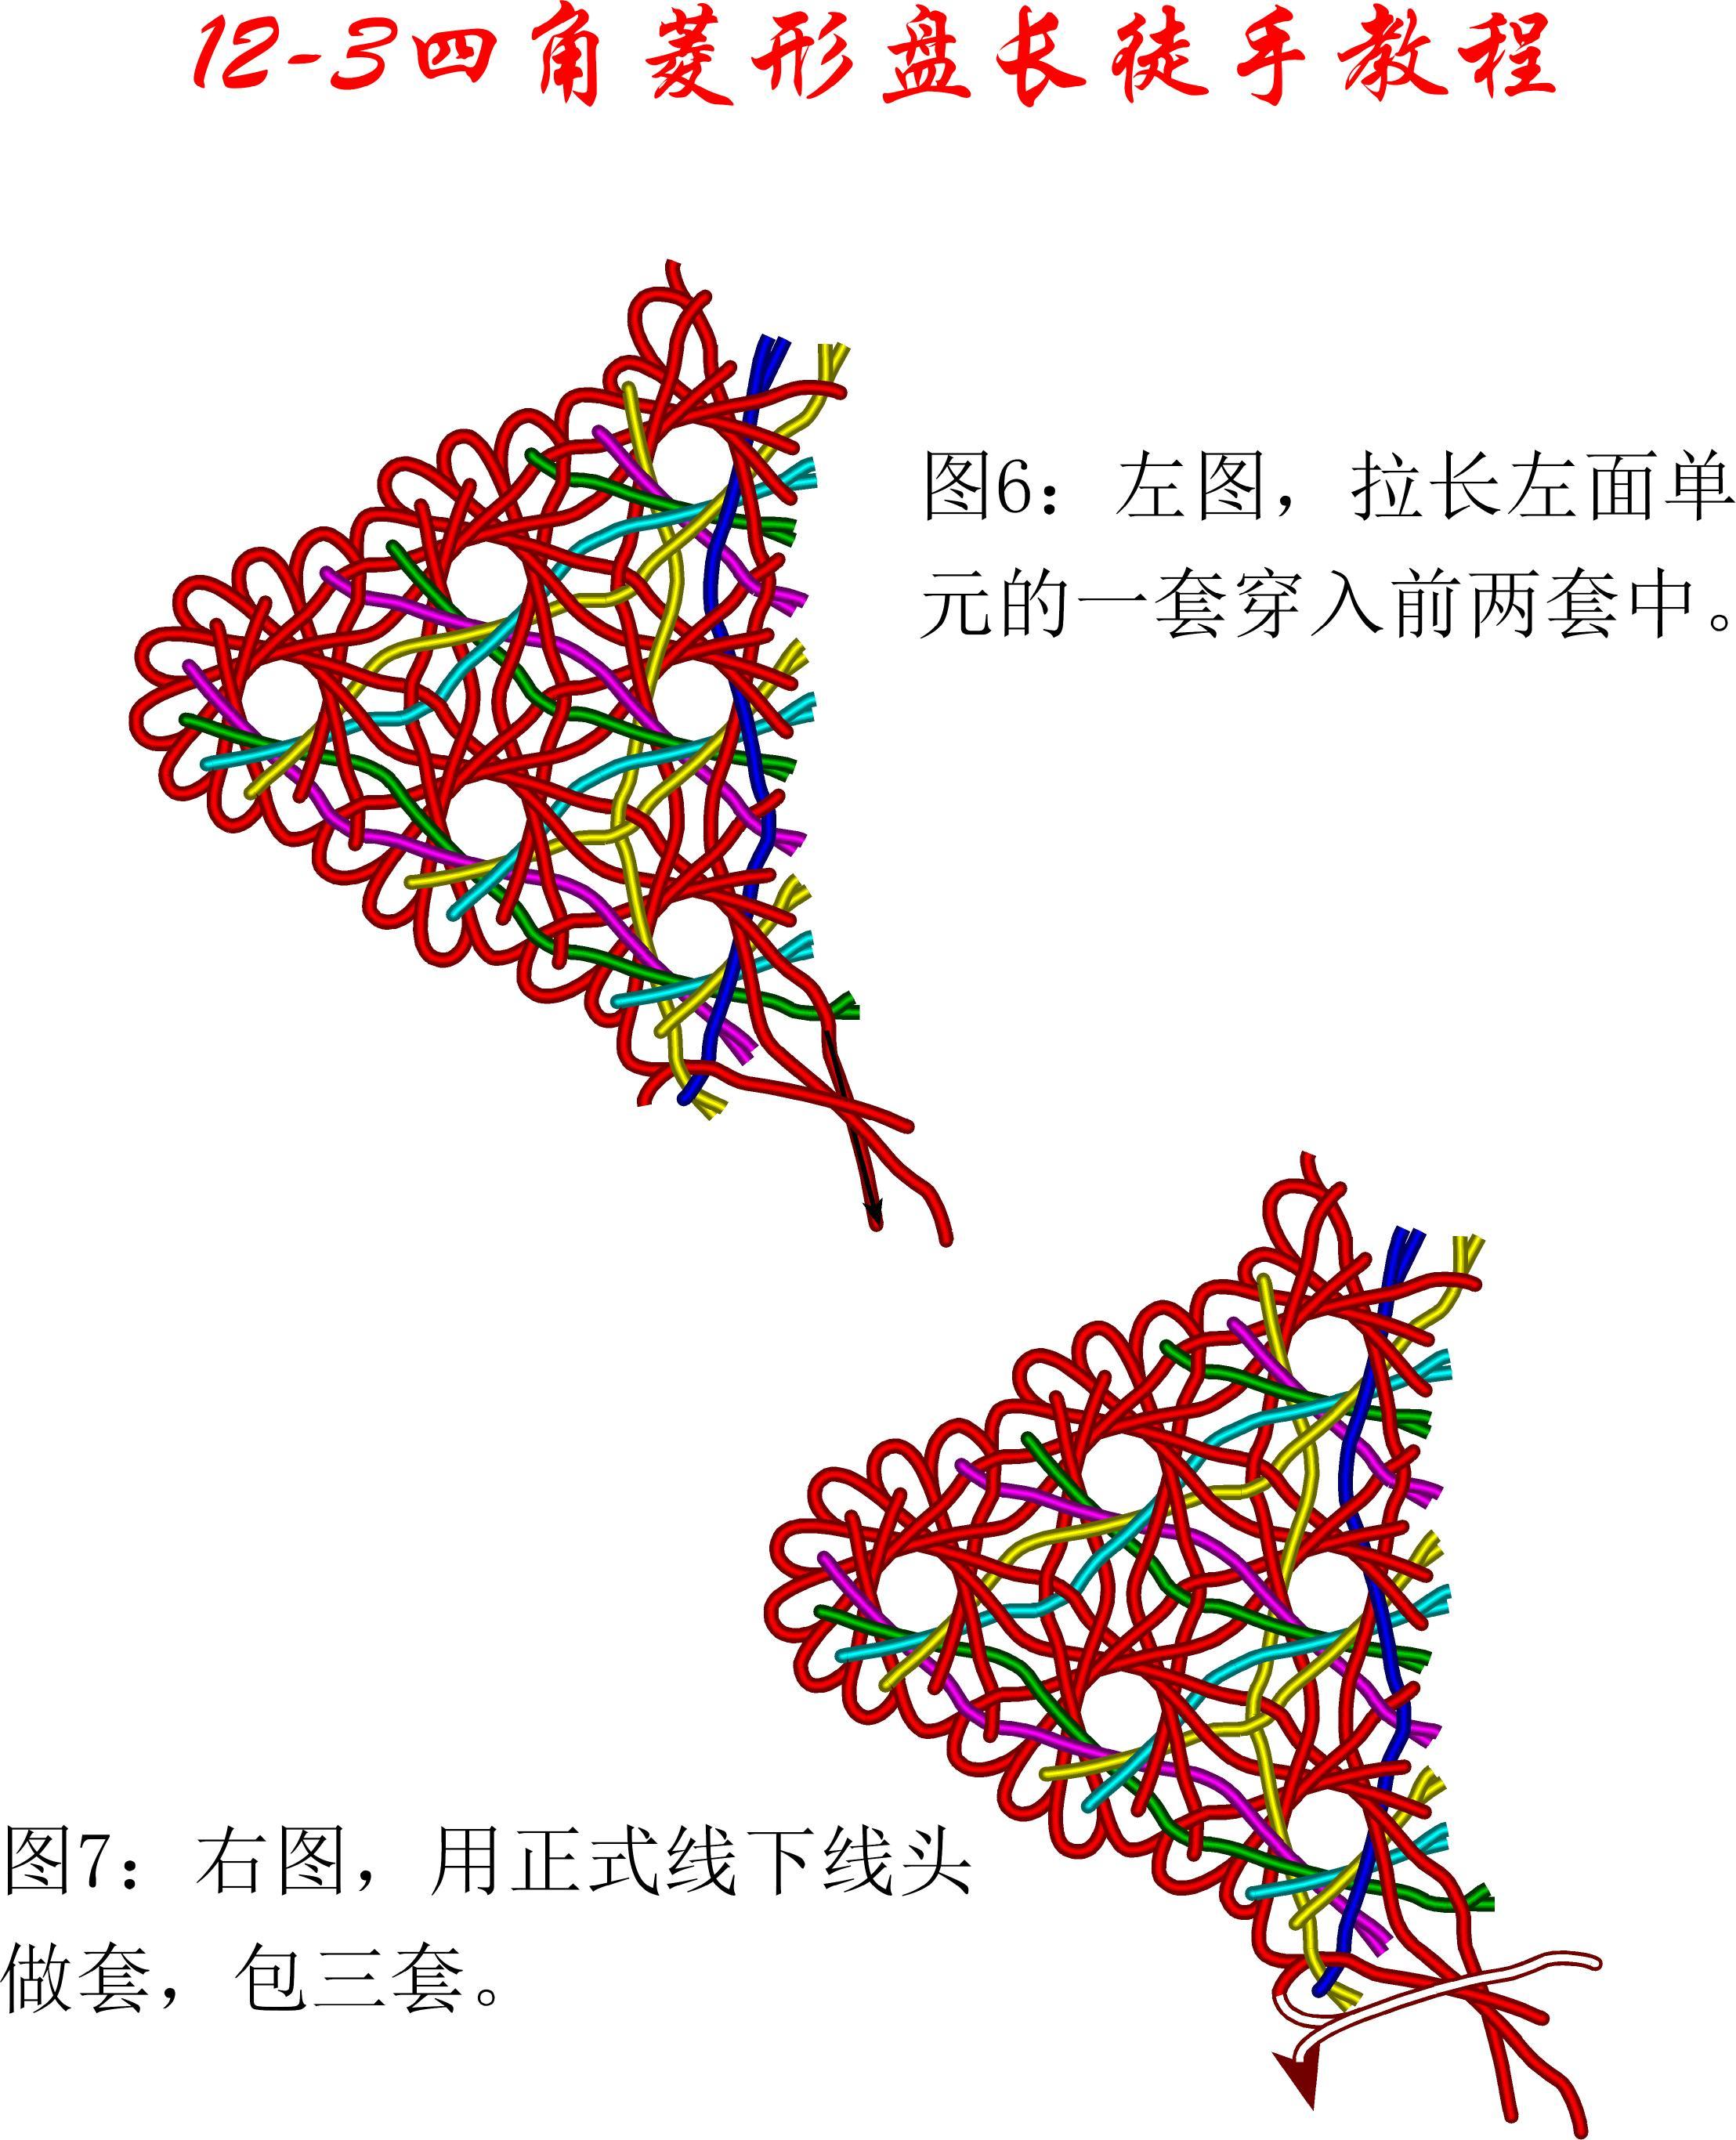 中国结论坛 12-3四角菱形盘长徒手教程 教程,菱形实心花的编织图解,长方形做菱形怎么做,长方形分菱形图解,菱形四边一样长吗 丑丑徒手编结 133833ugi6gloob4lp6cz6